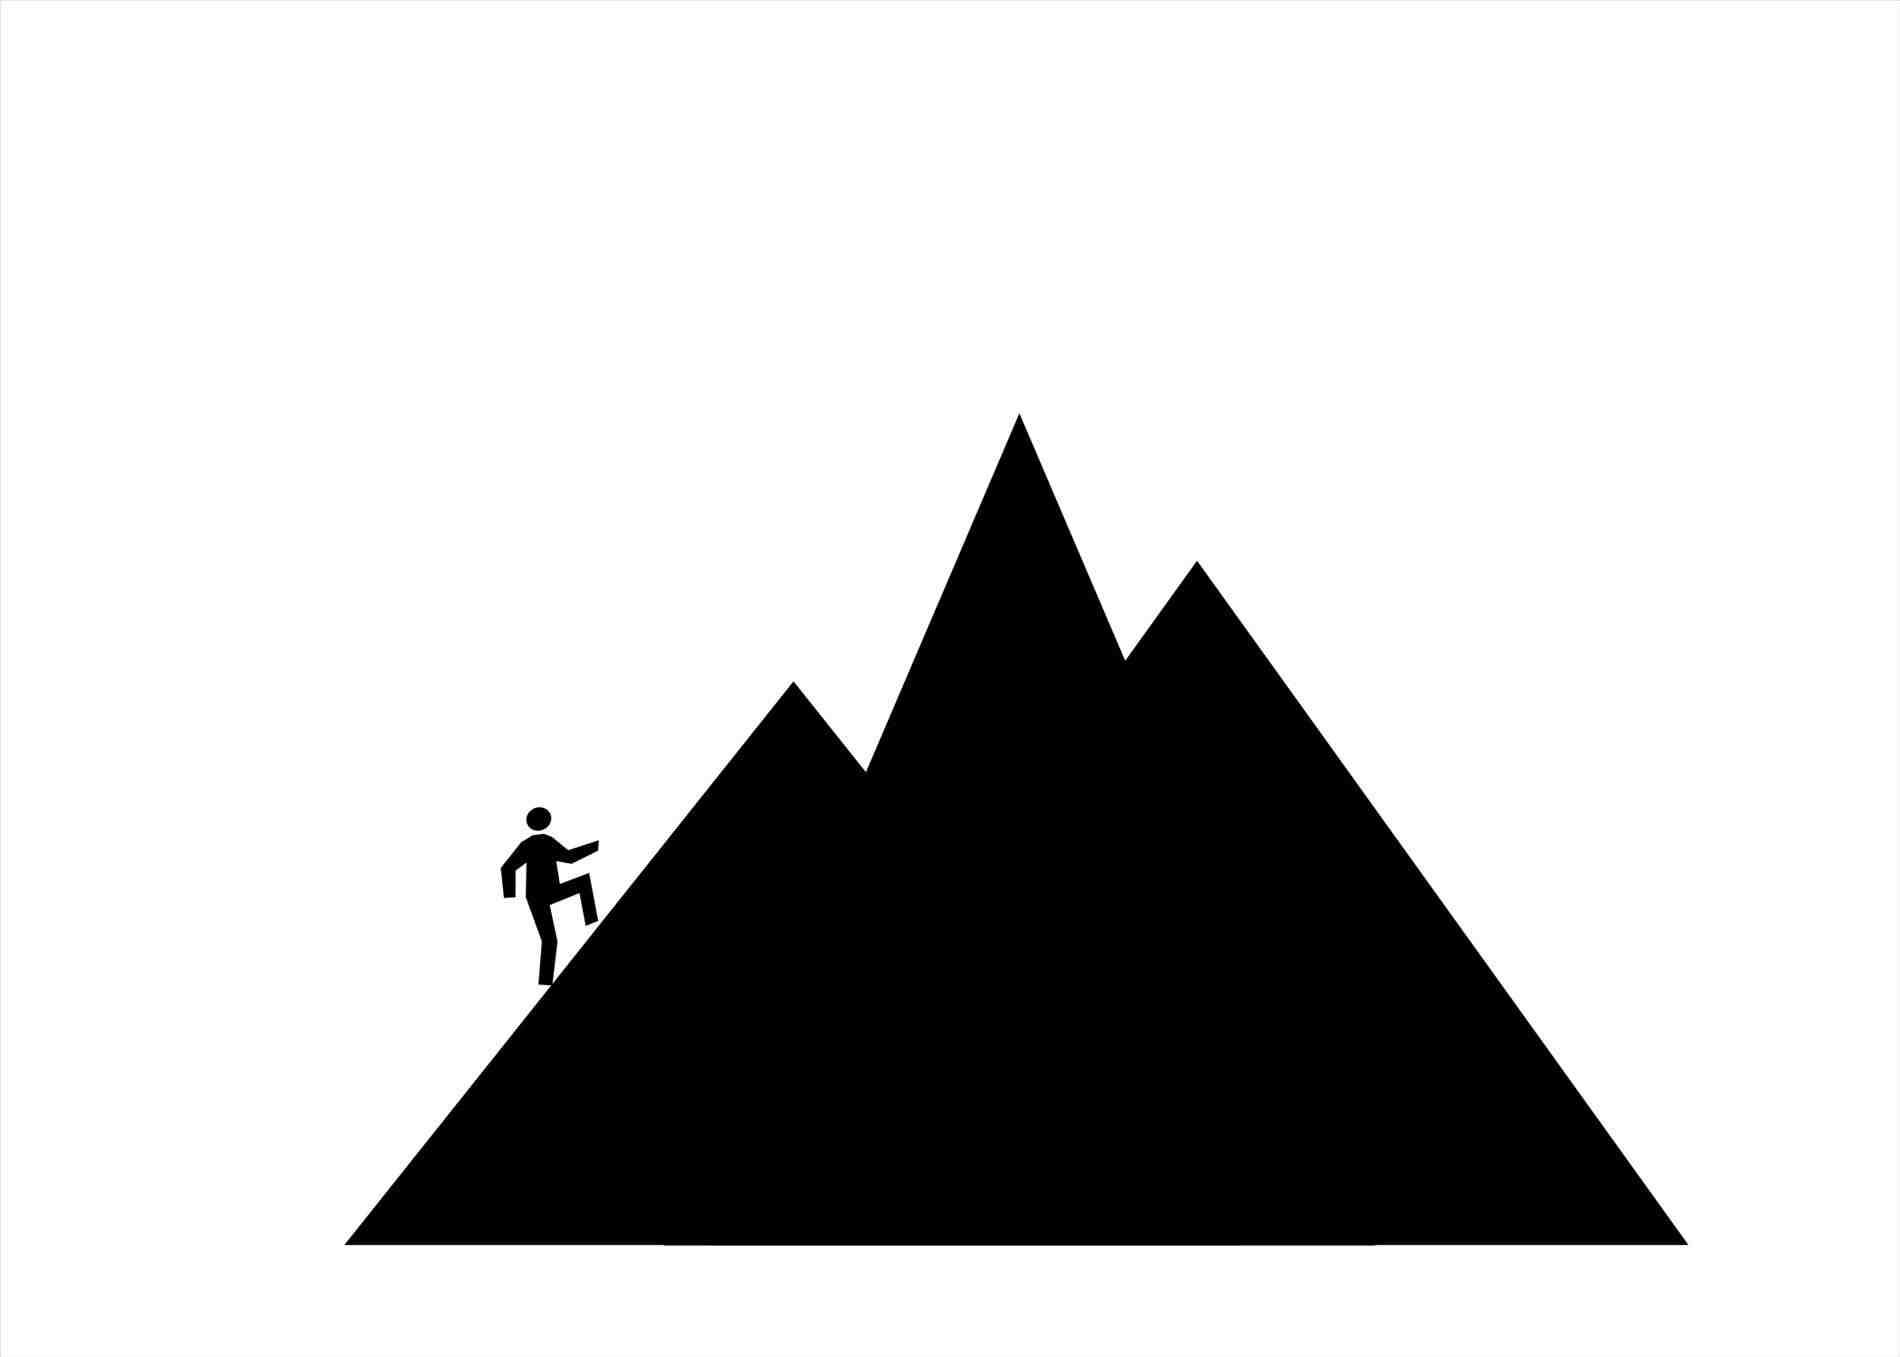 1900x1357 Mountain Climbing Silhouette Alltripgo